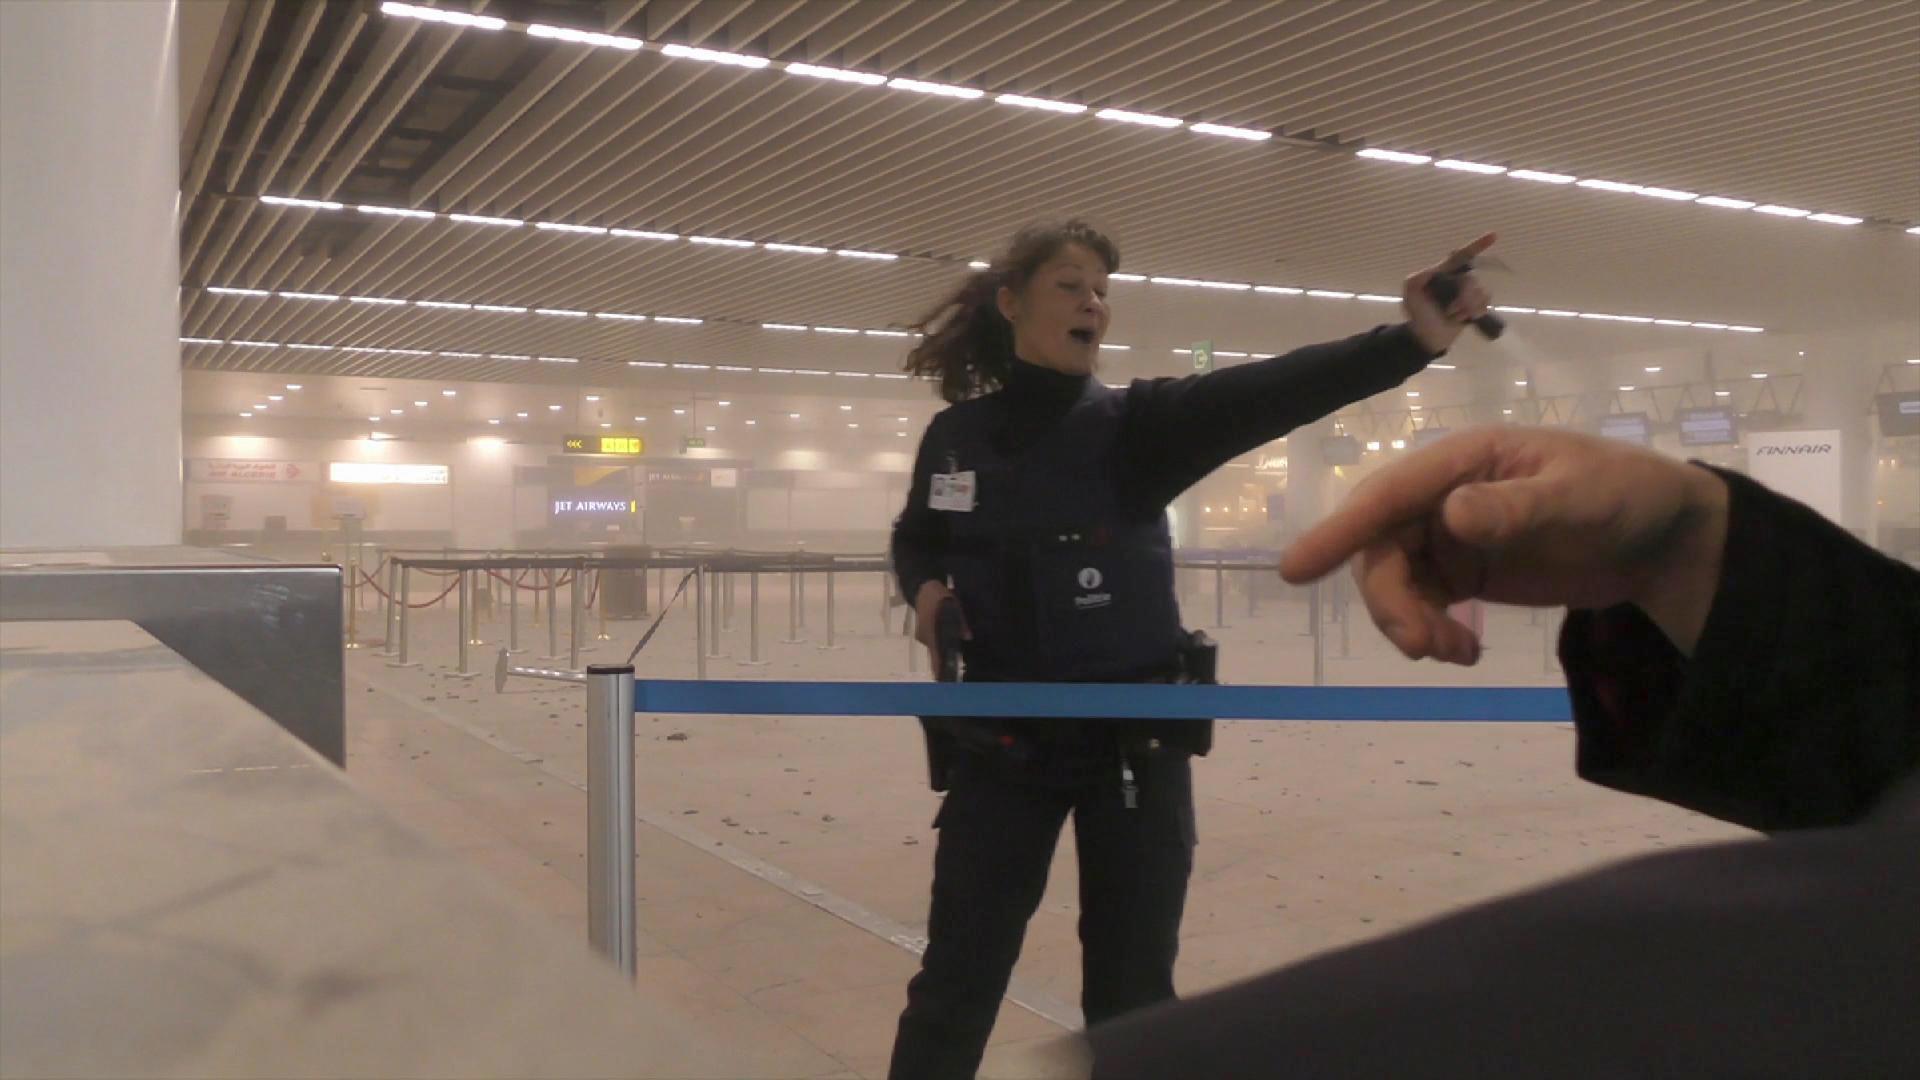 Social Media Responds to Brussels Terrorist Attacks